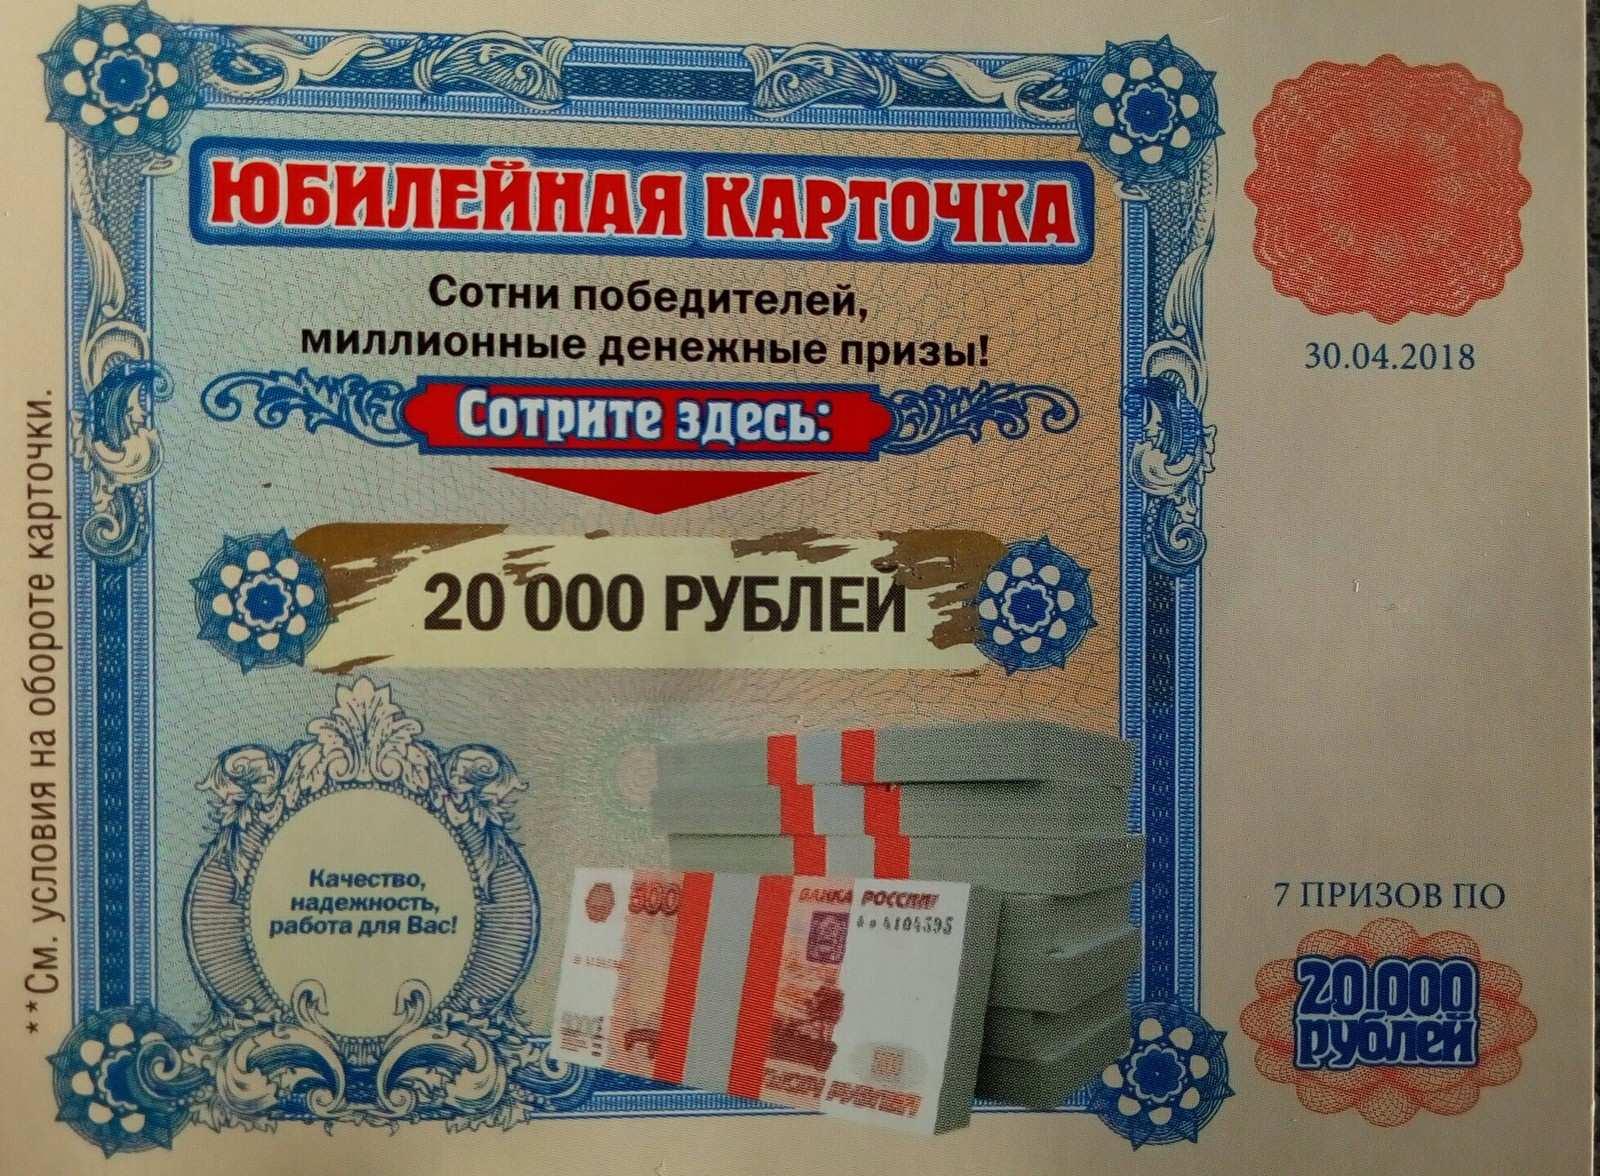 Схемы обмана в русском лото в 2020 году: информация в сми про огромные махинации